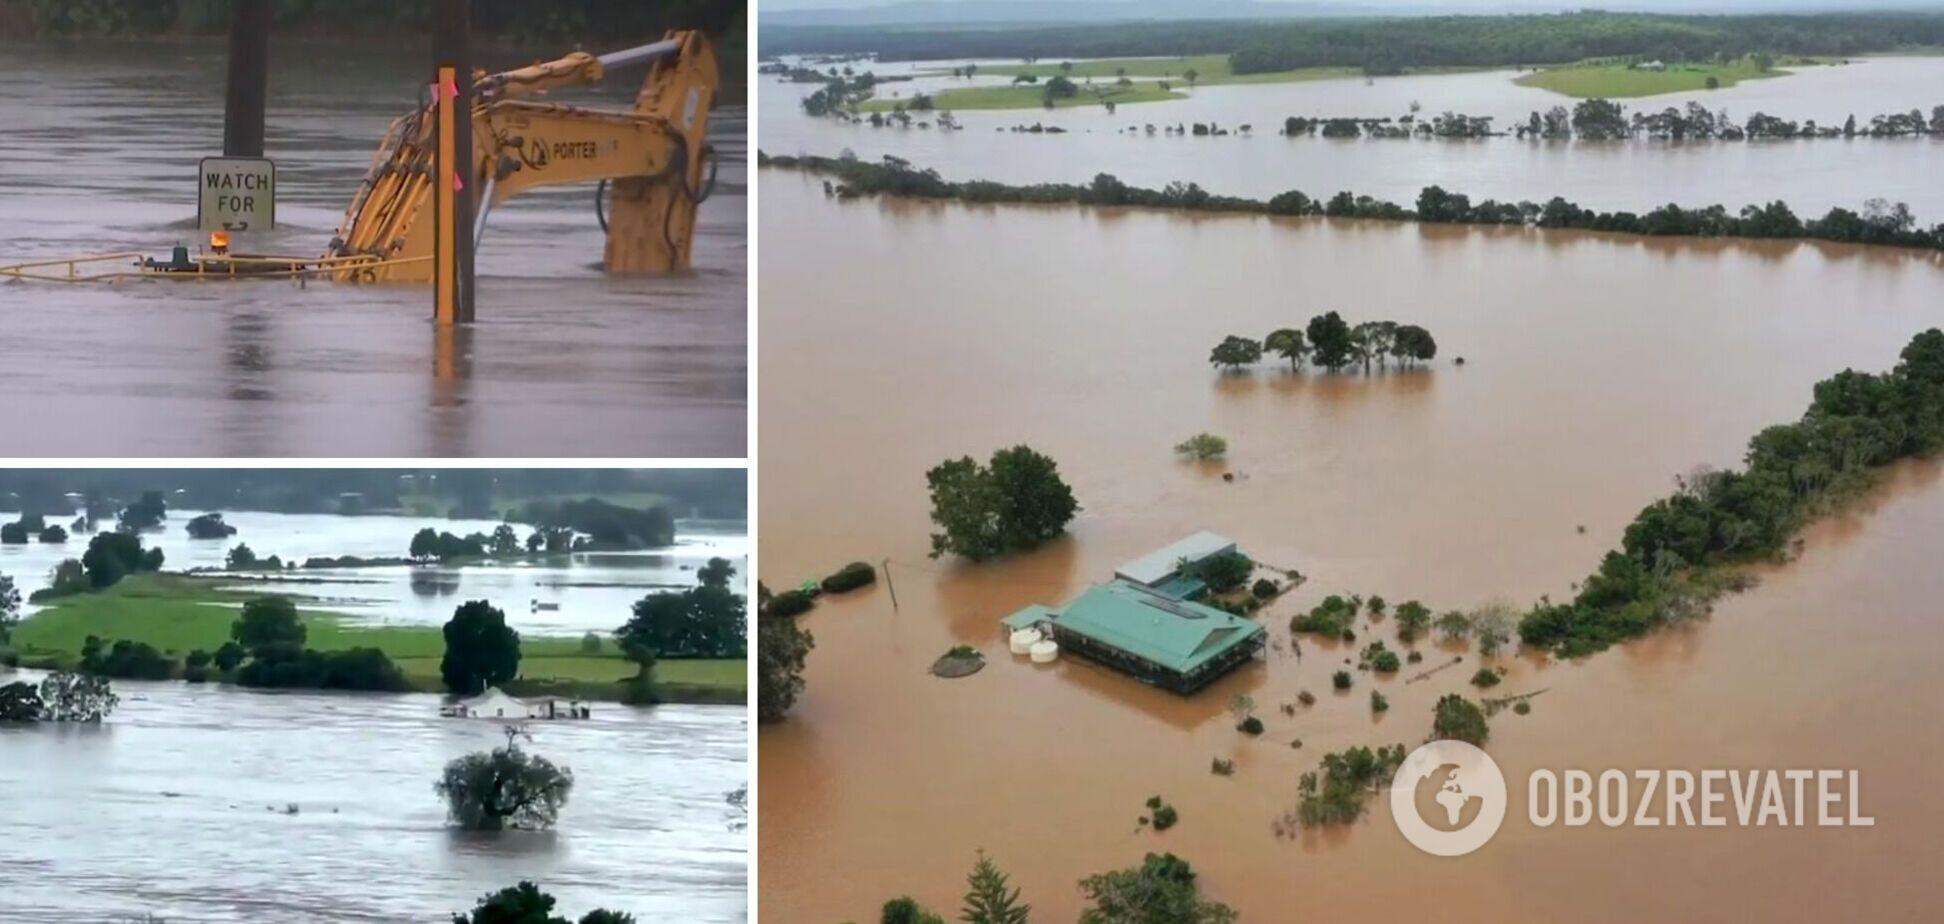 Ливни в Австралии спровоцировали наводнения, каких не было почти 100 лет. Фото и видео